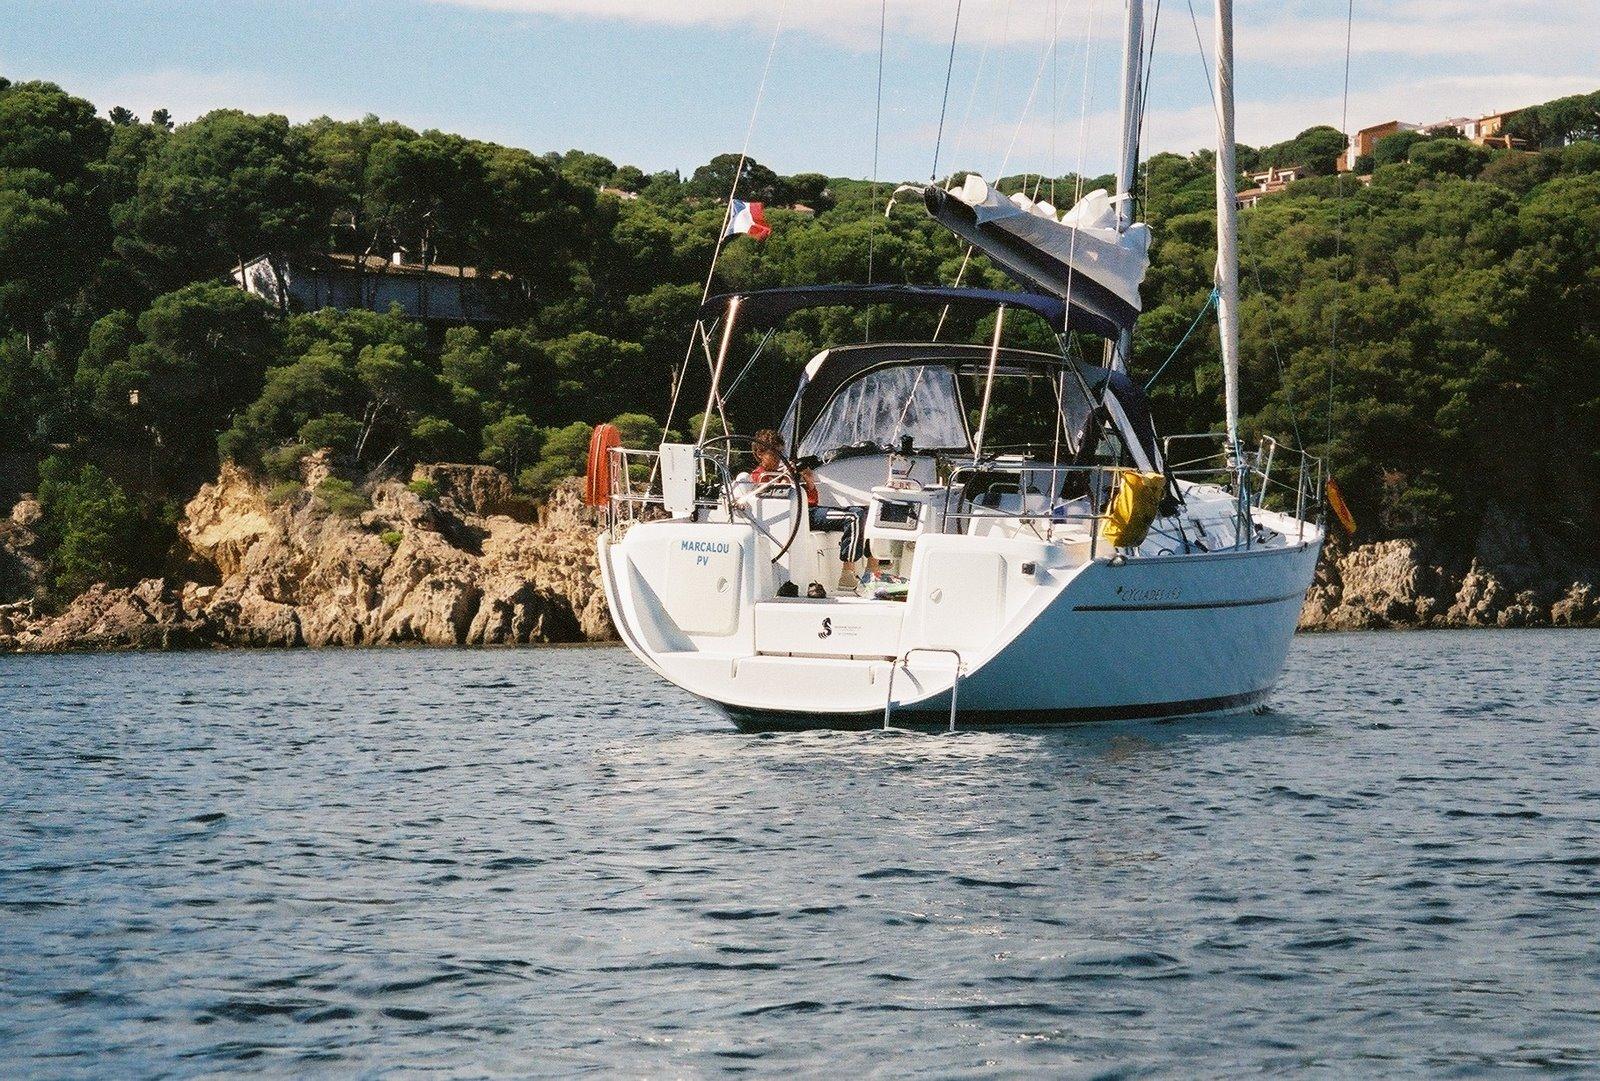 Louer un bateau en Espagne & Baléares